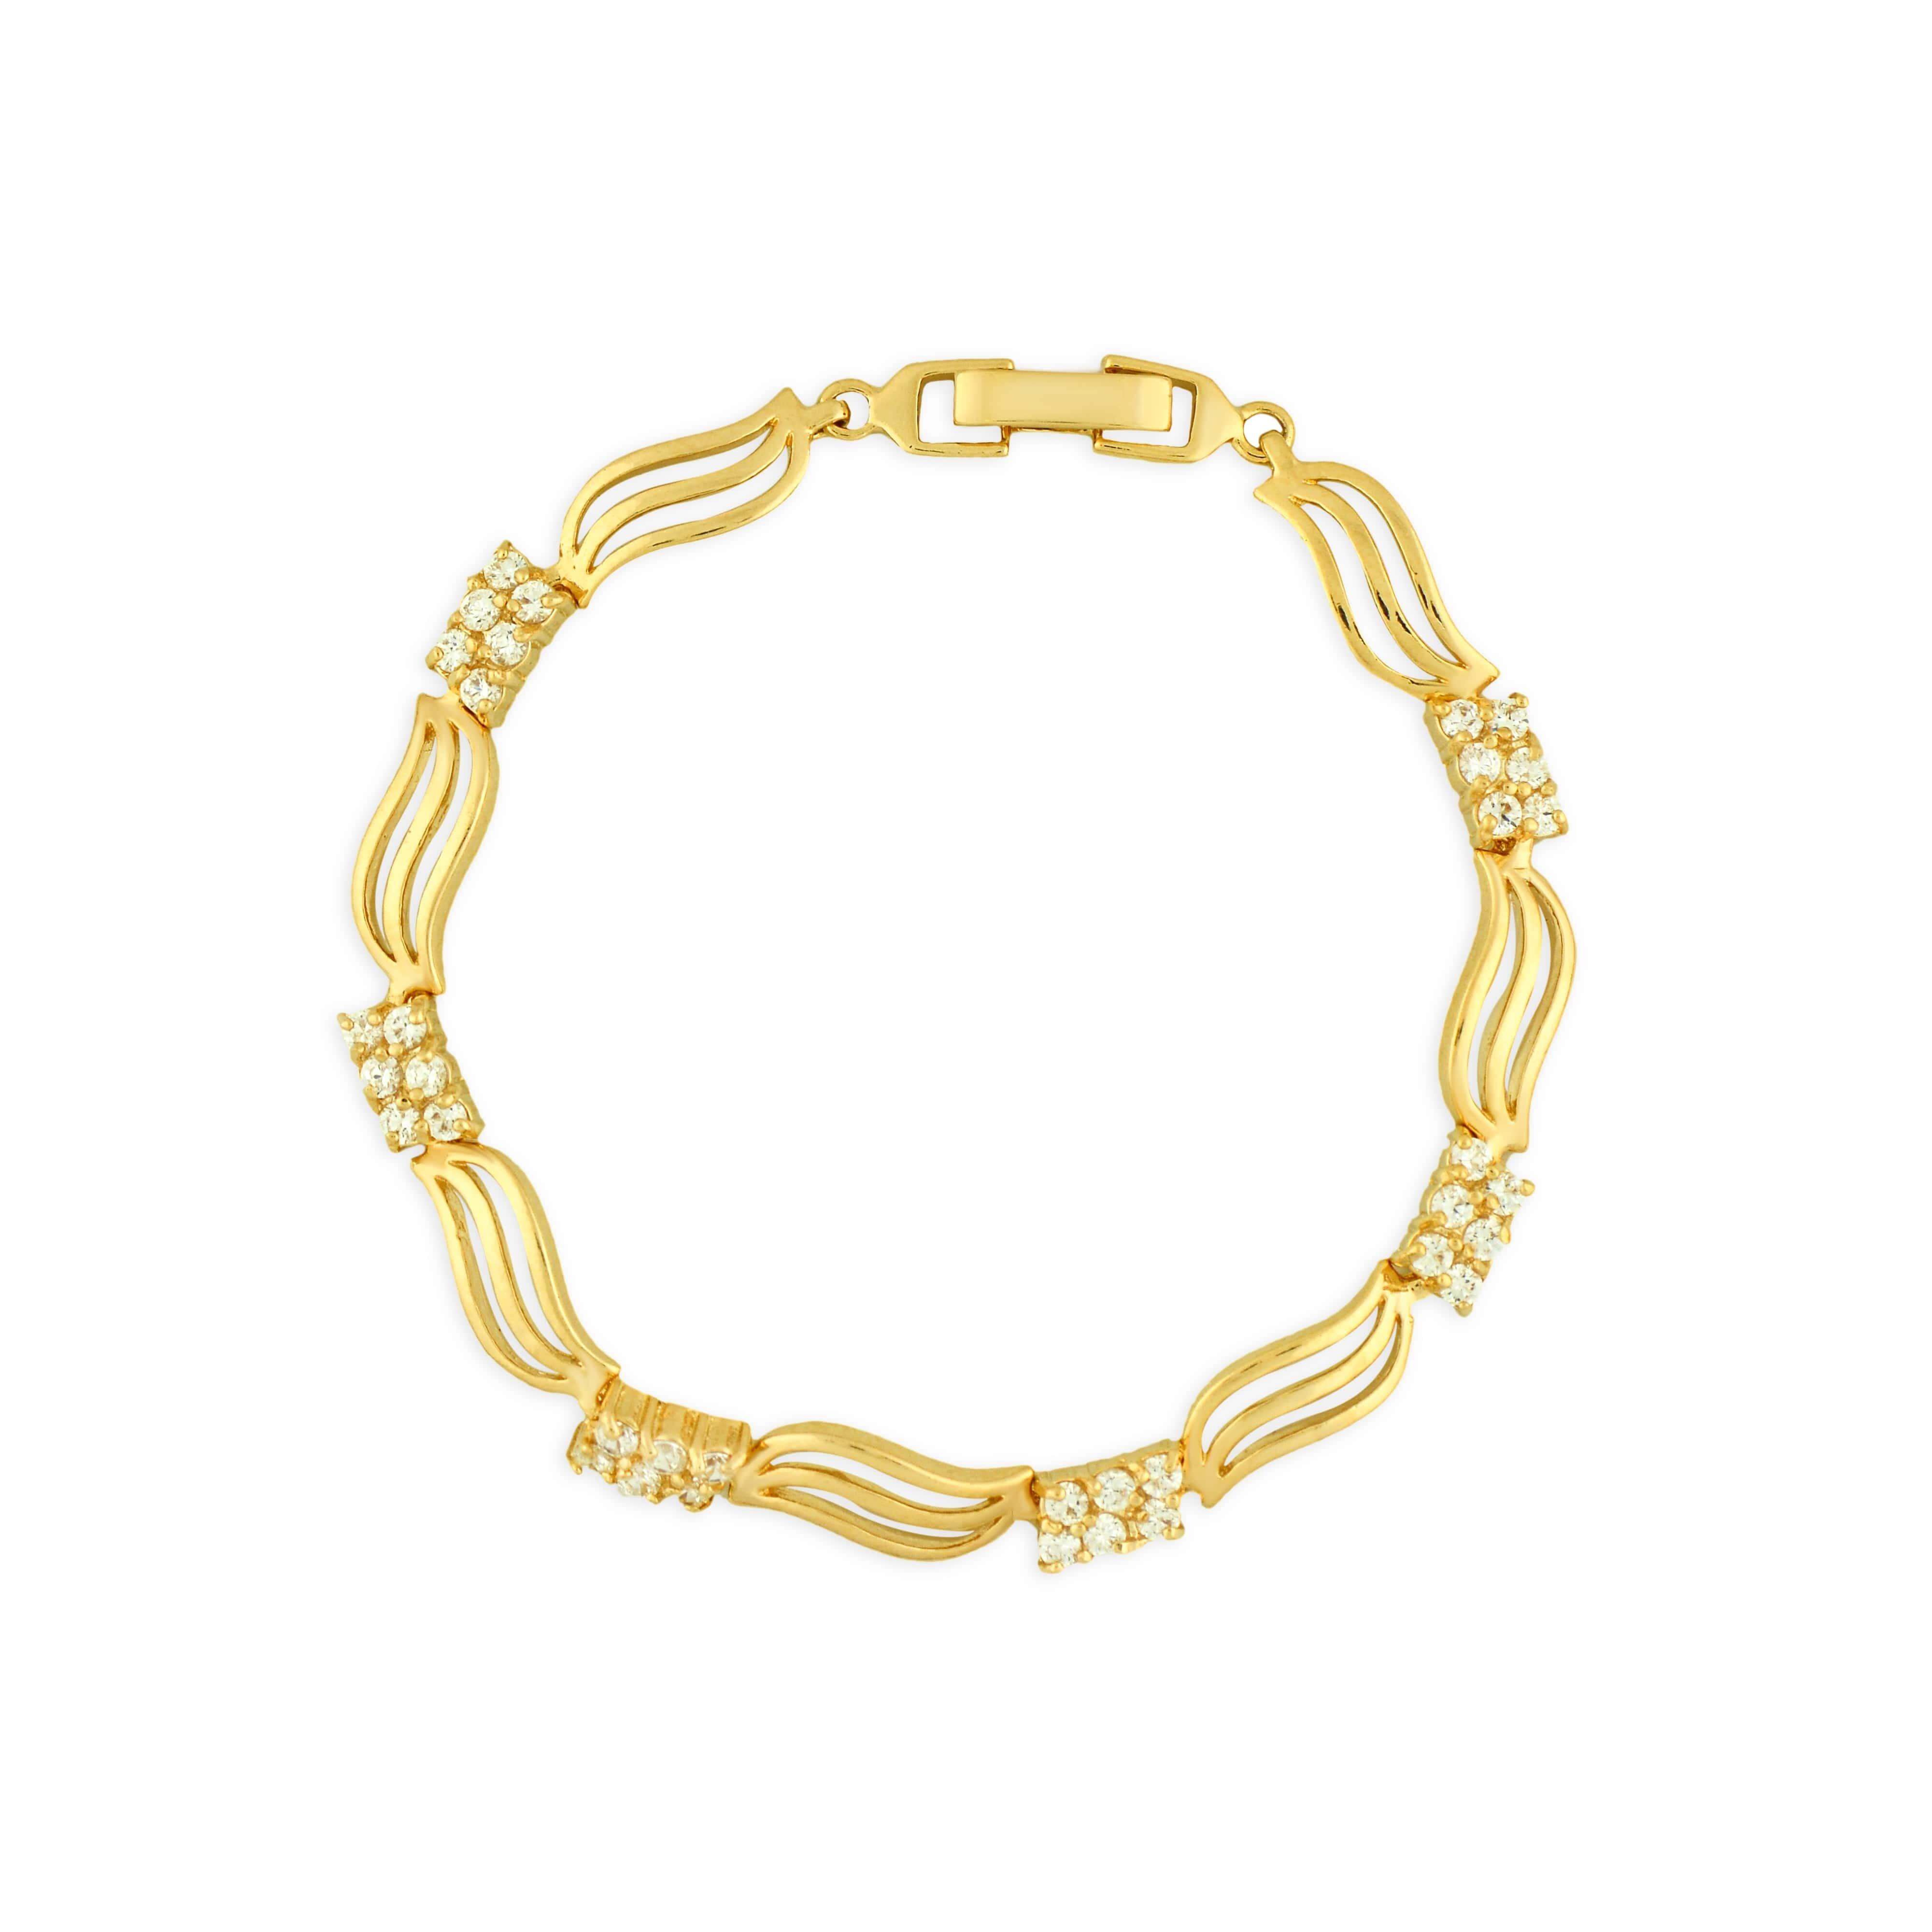 Pulseira Luxo Folheada a Ouro 18k com 66 zircônias